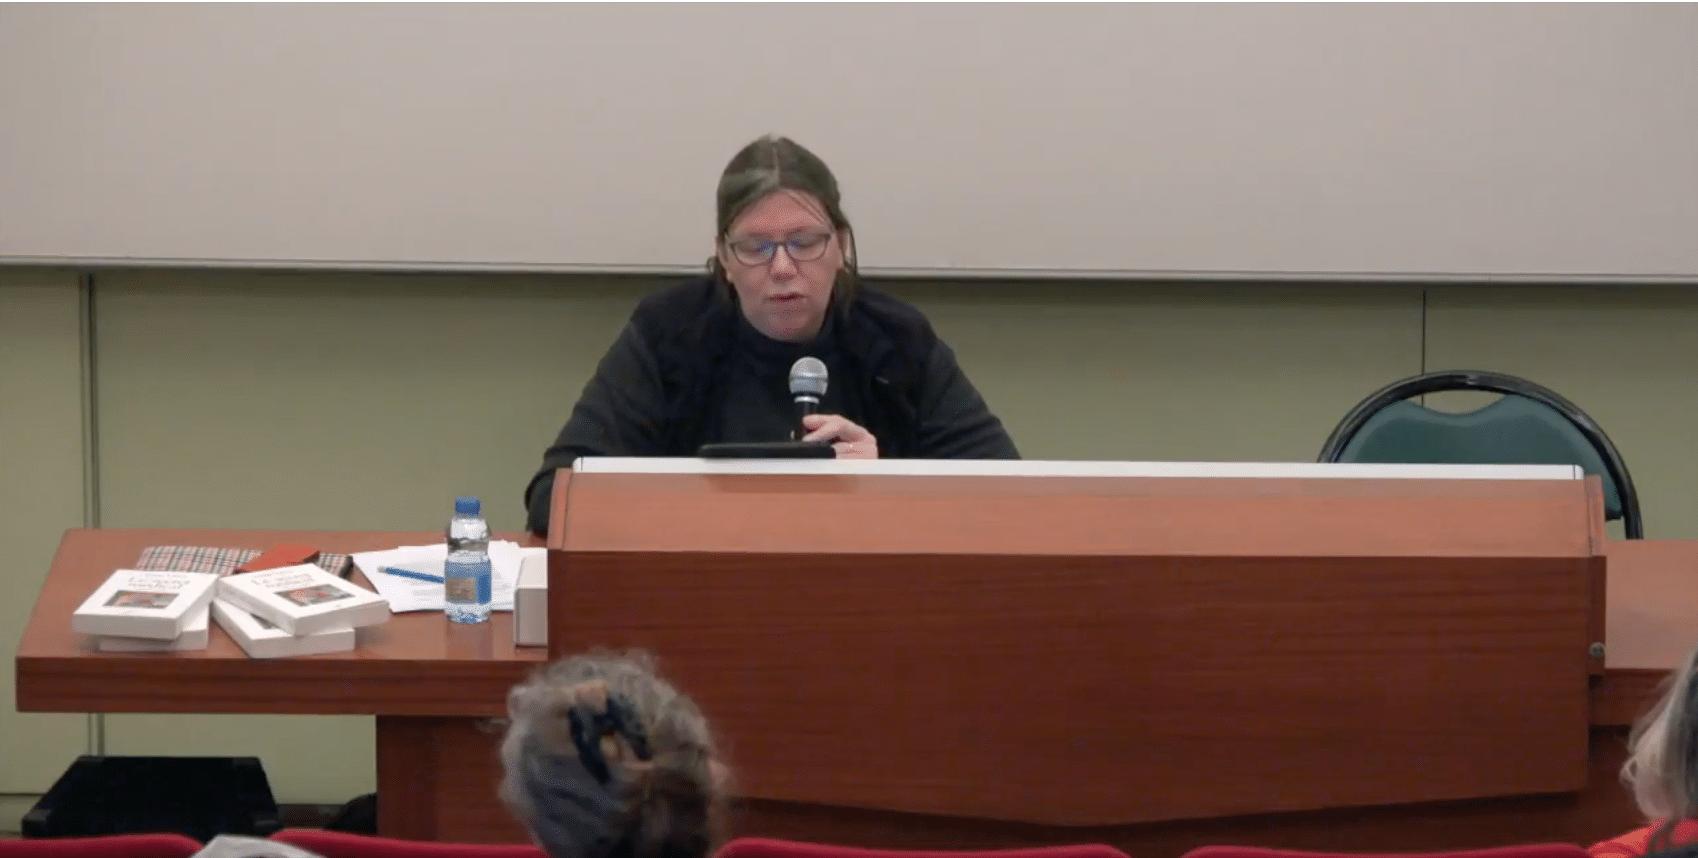 Anne Lécu : Le secret médical, intimité, corps et surveillance